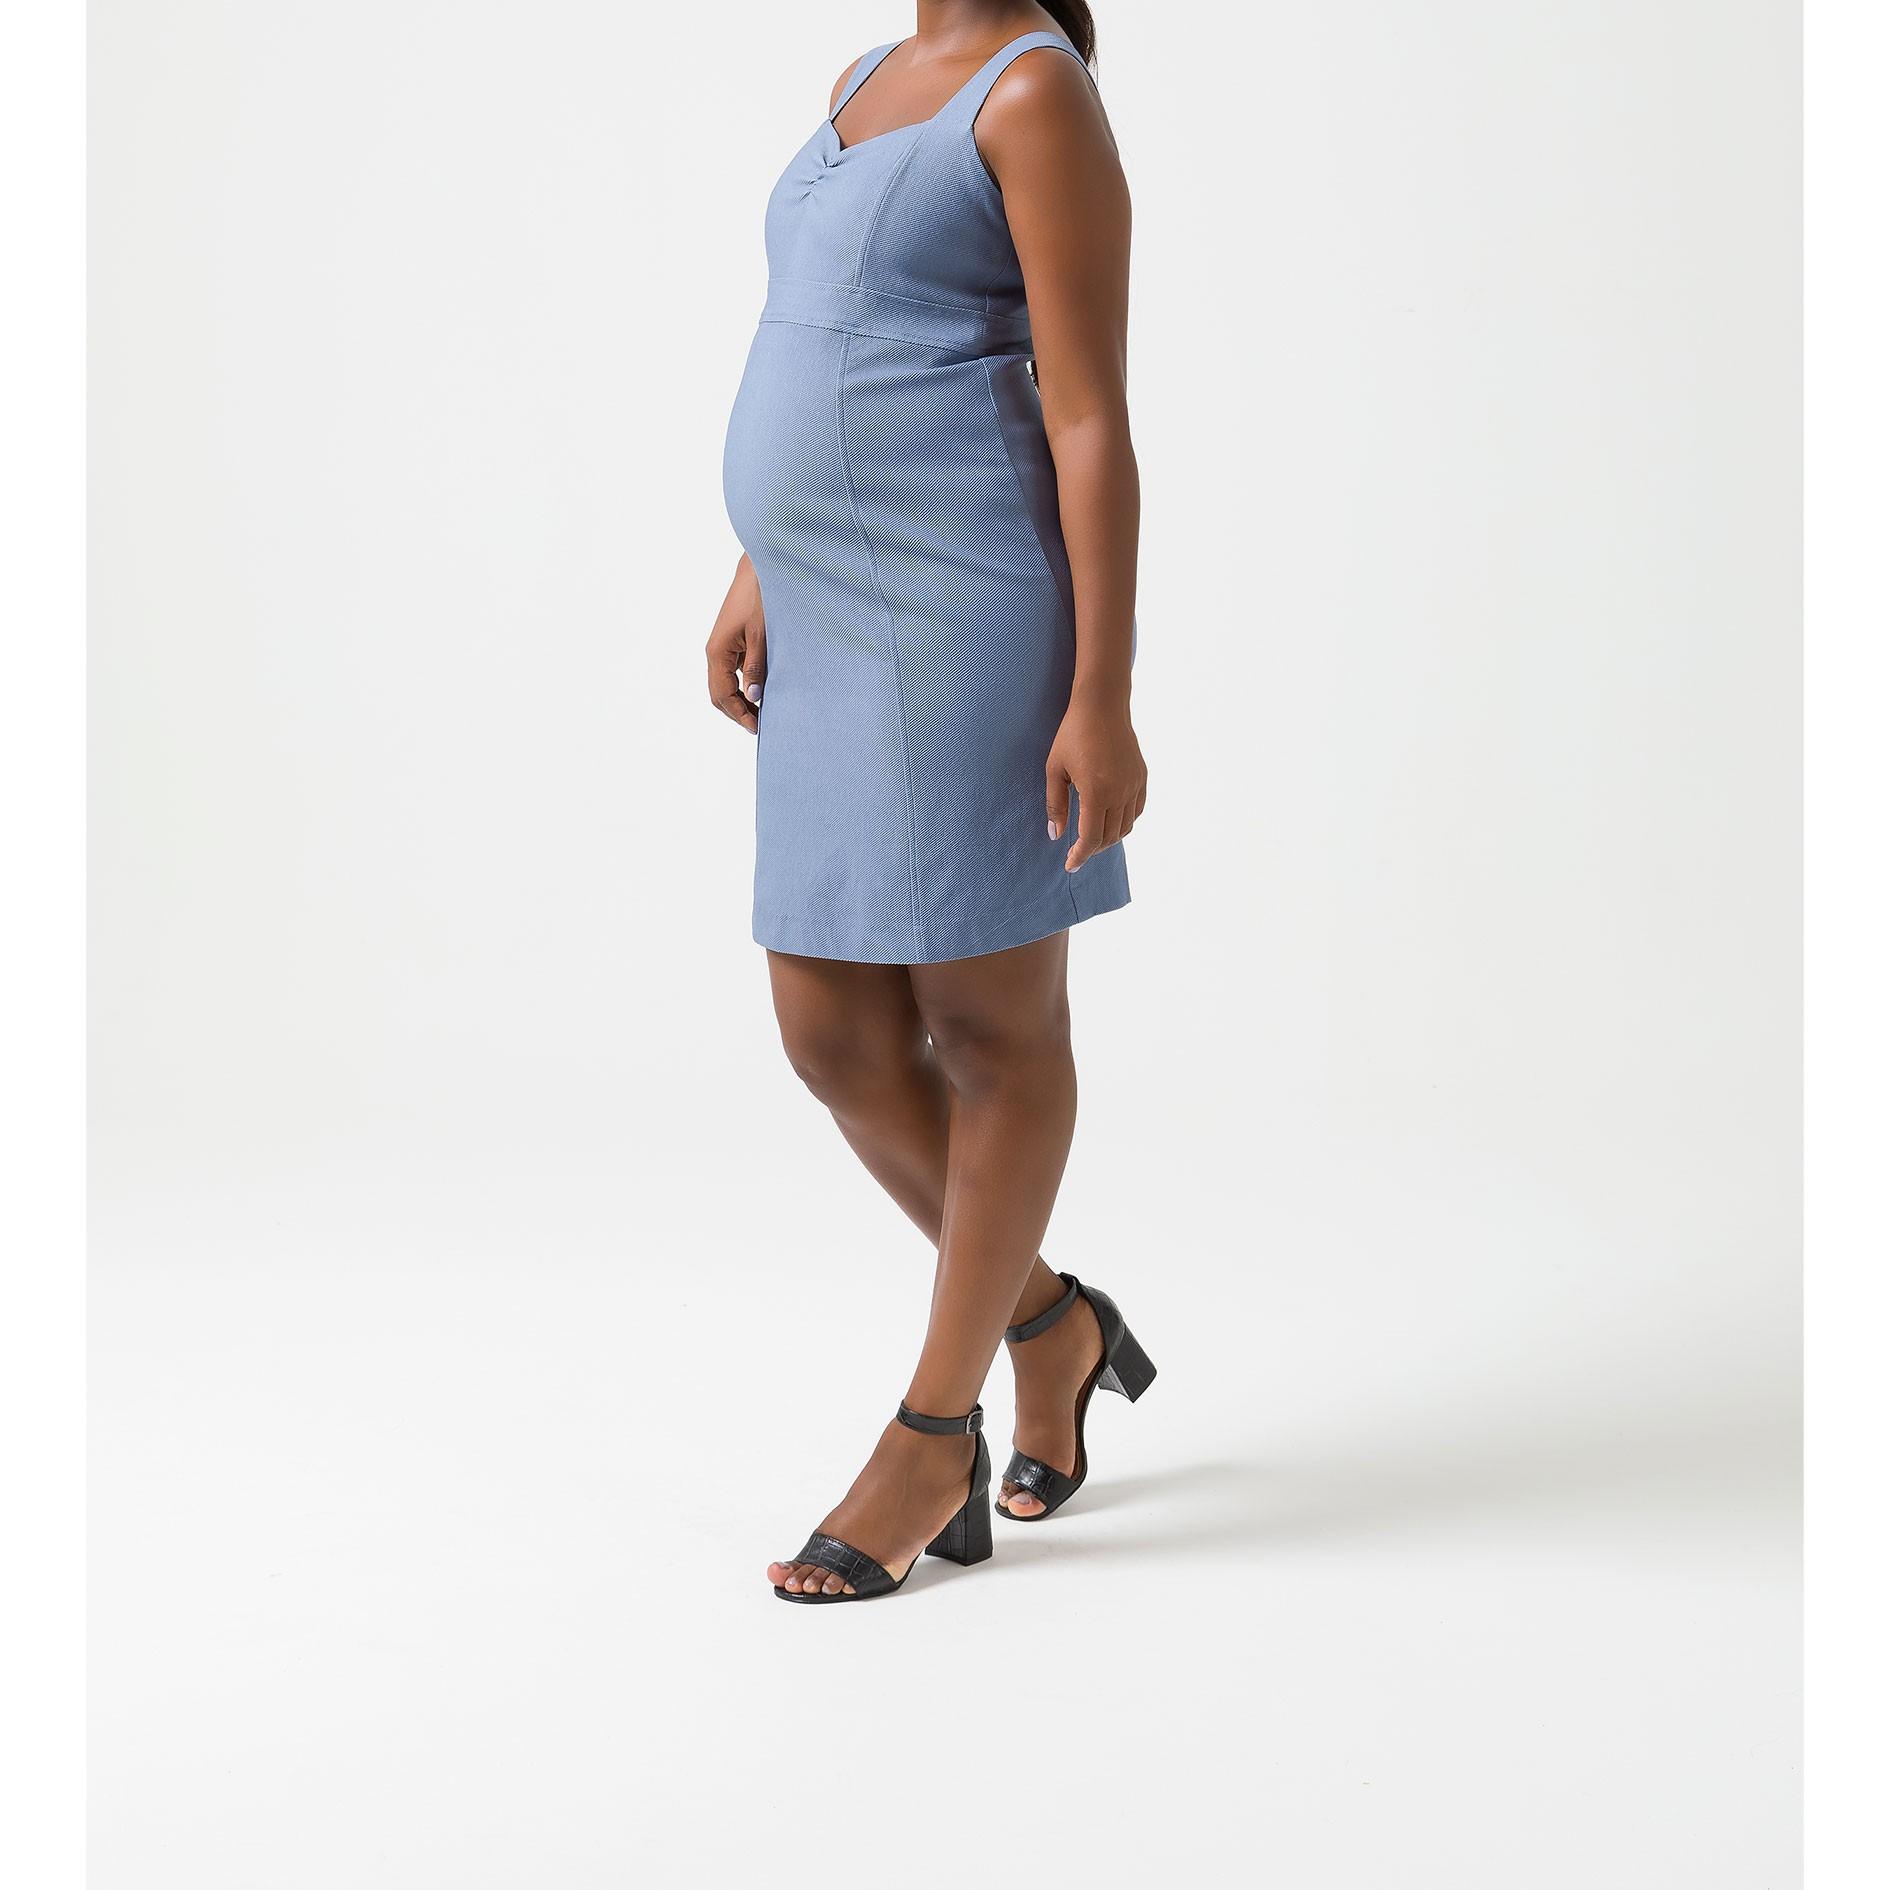 Mammy Gestante - vestido Alça Piquet